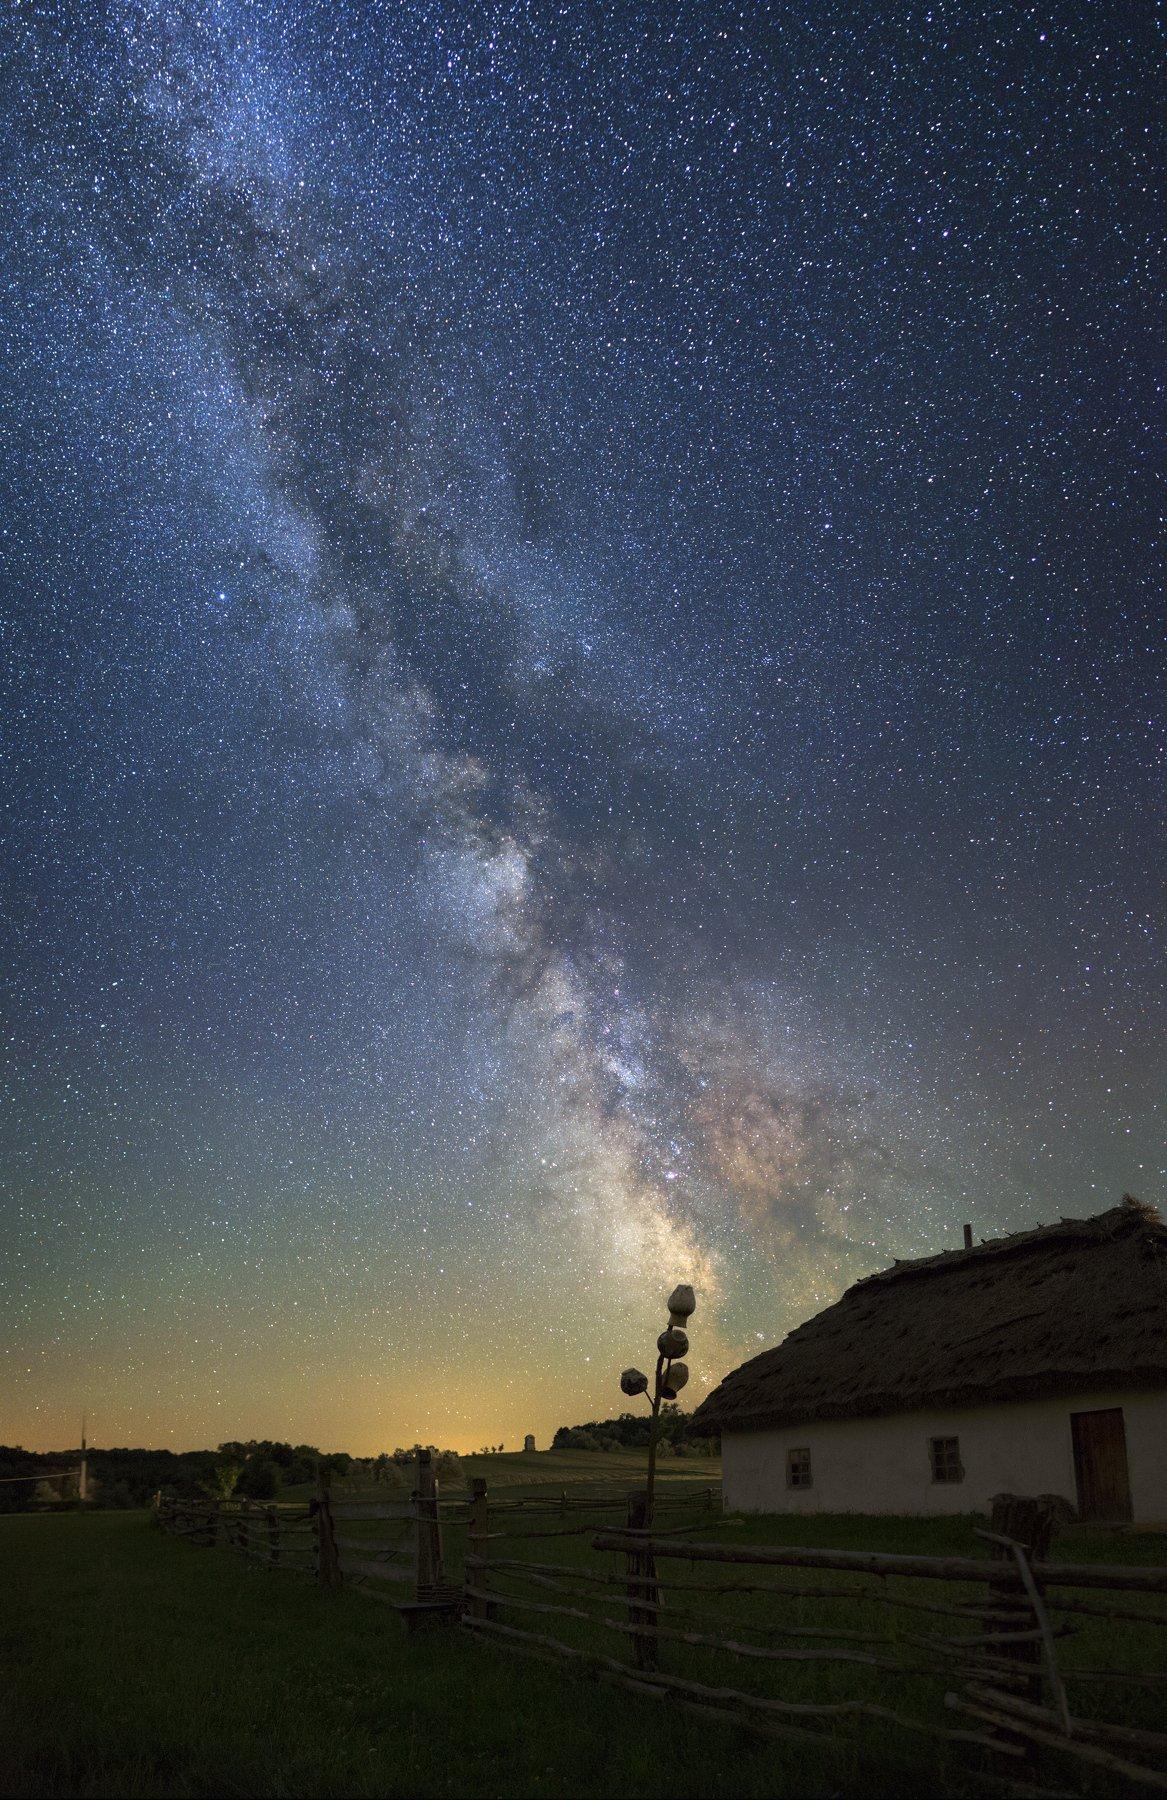 ночь, дом, изба, старина, звезды, Млечный путь, ночной пейзаж, night, stars, milky way, nightscape, old house, Валентин Гайдай